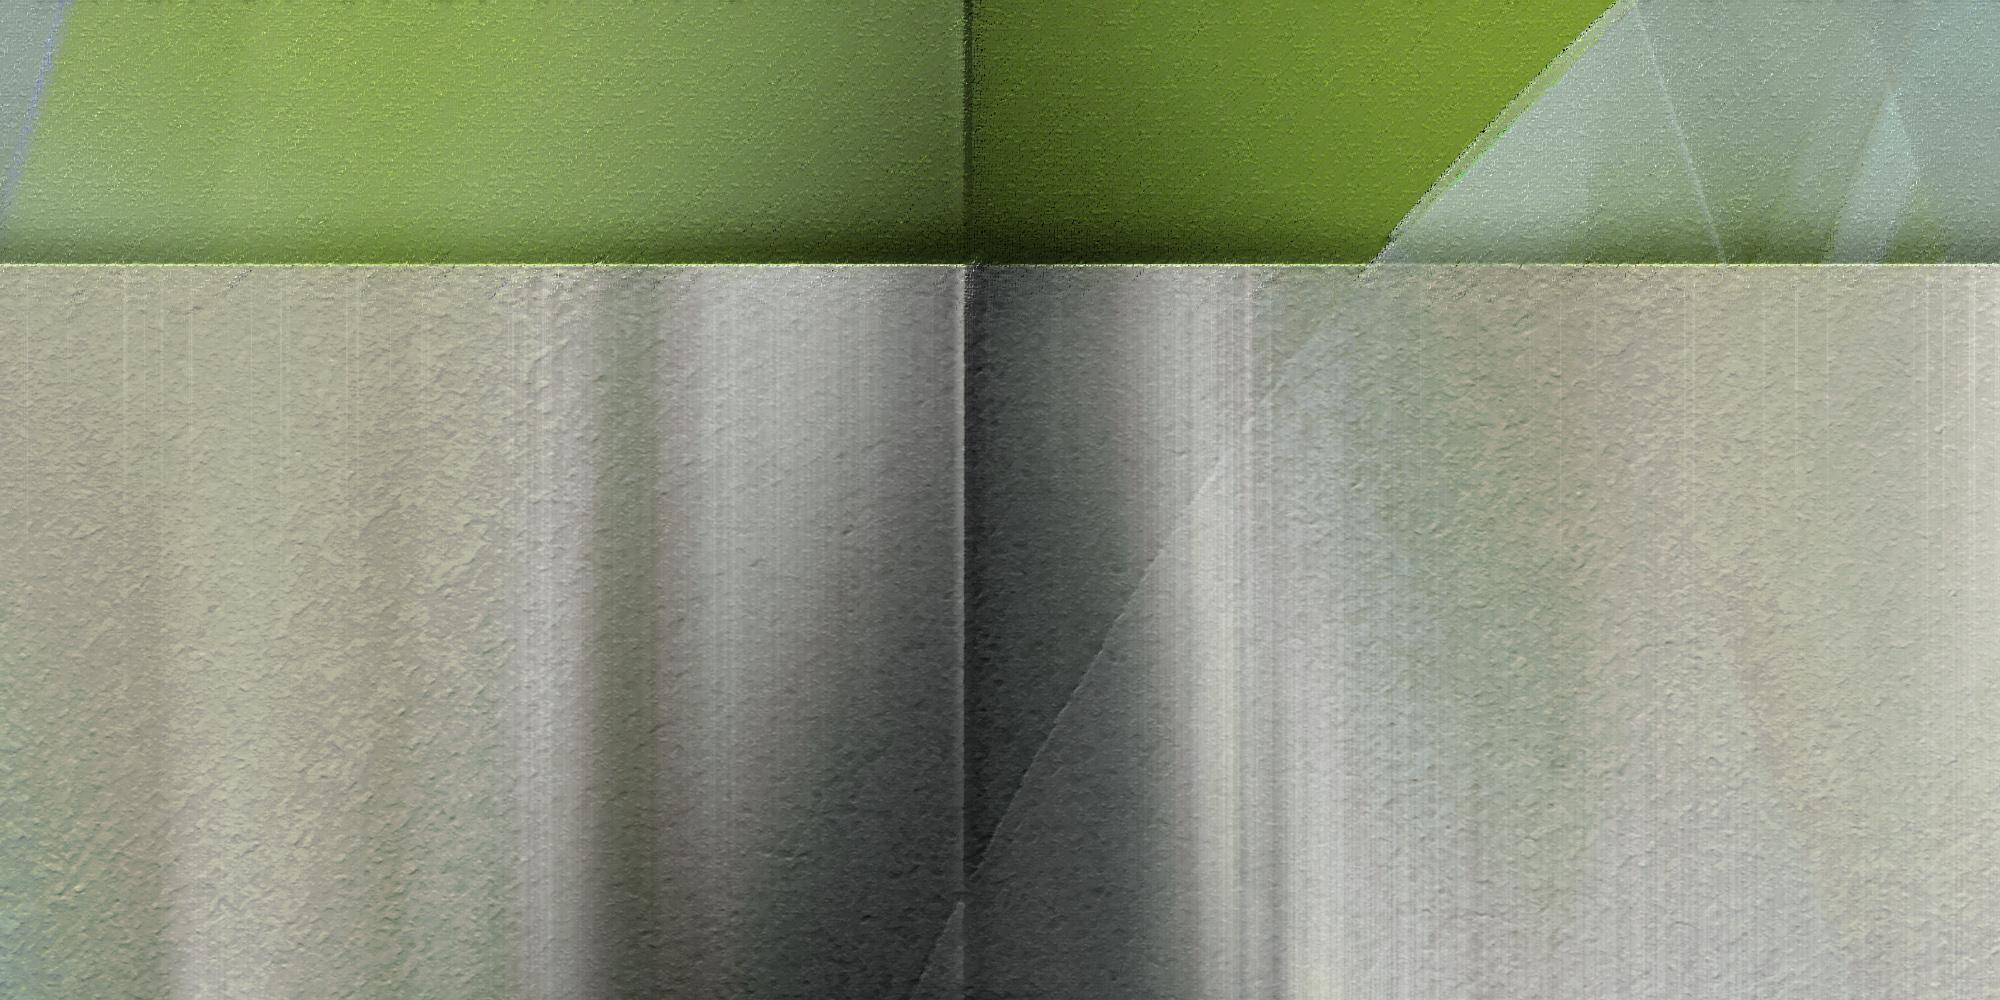 170819 Detail